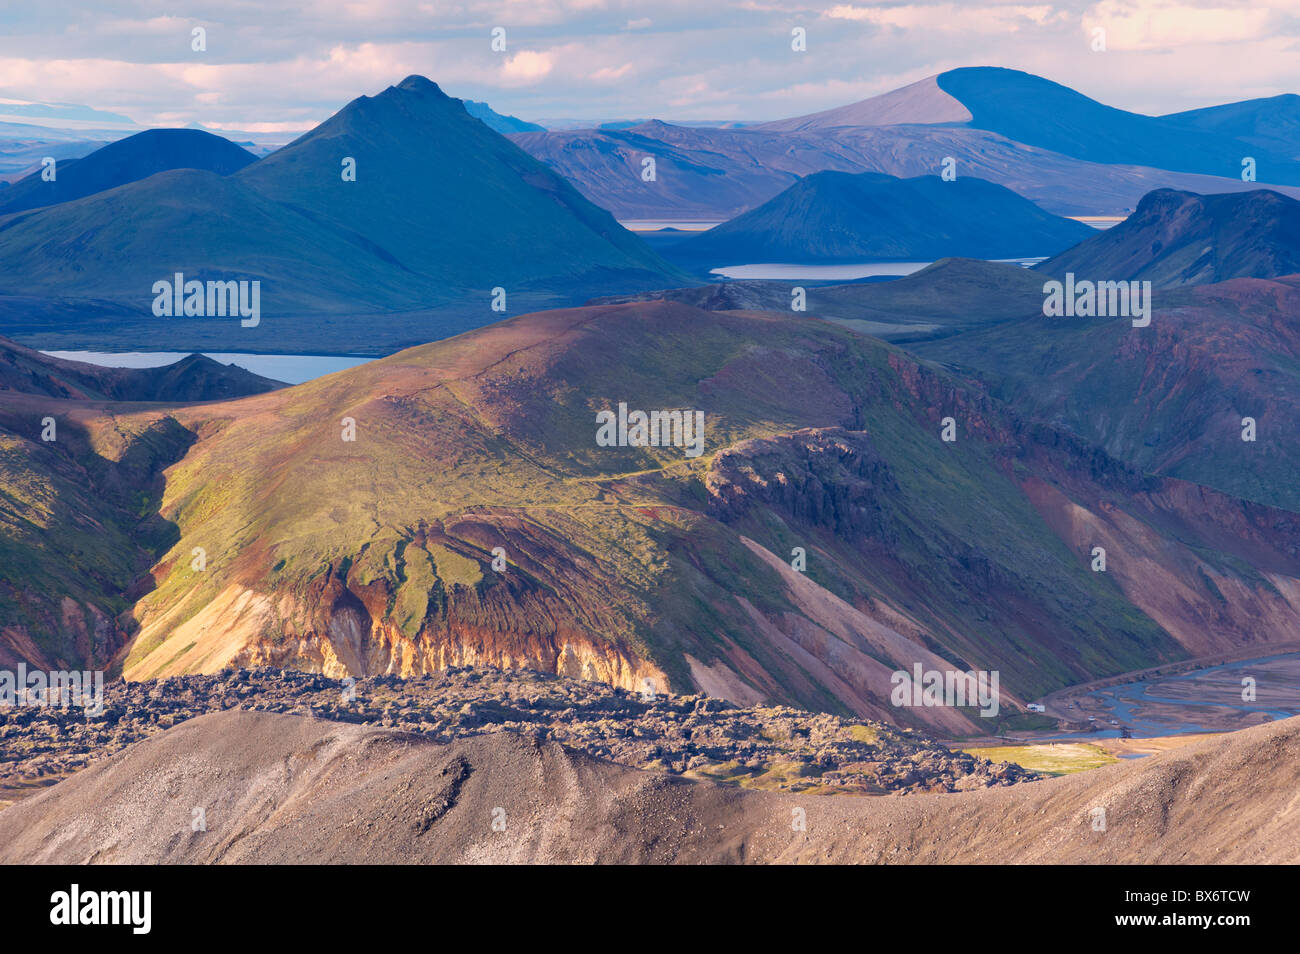 Laugahraun lava field seen from the slopes of Blahnukur, Landmannalaugar area, Fjallabak region, Iceland, Europe - Stock Image